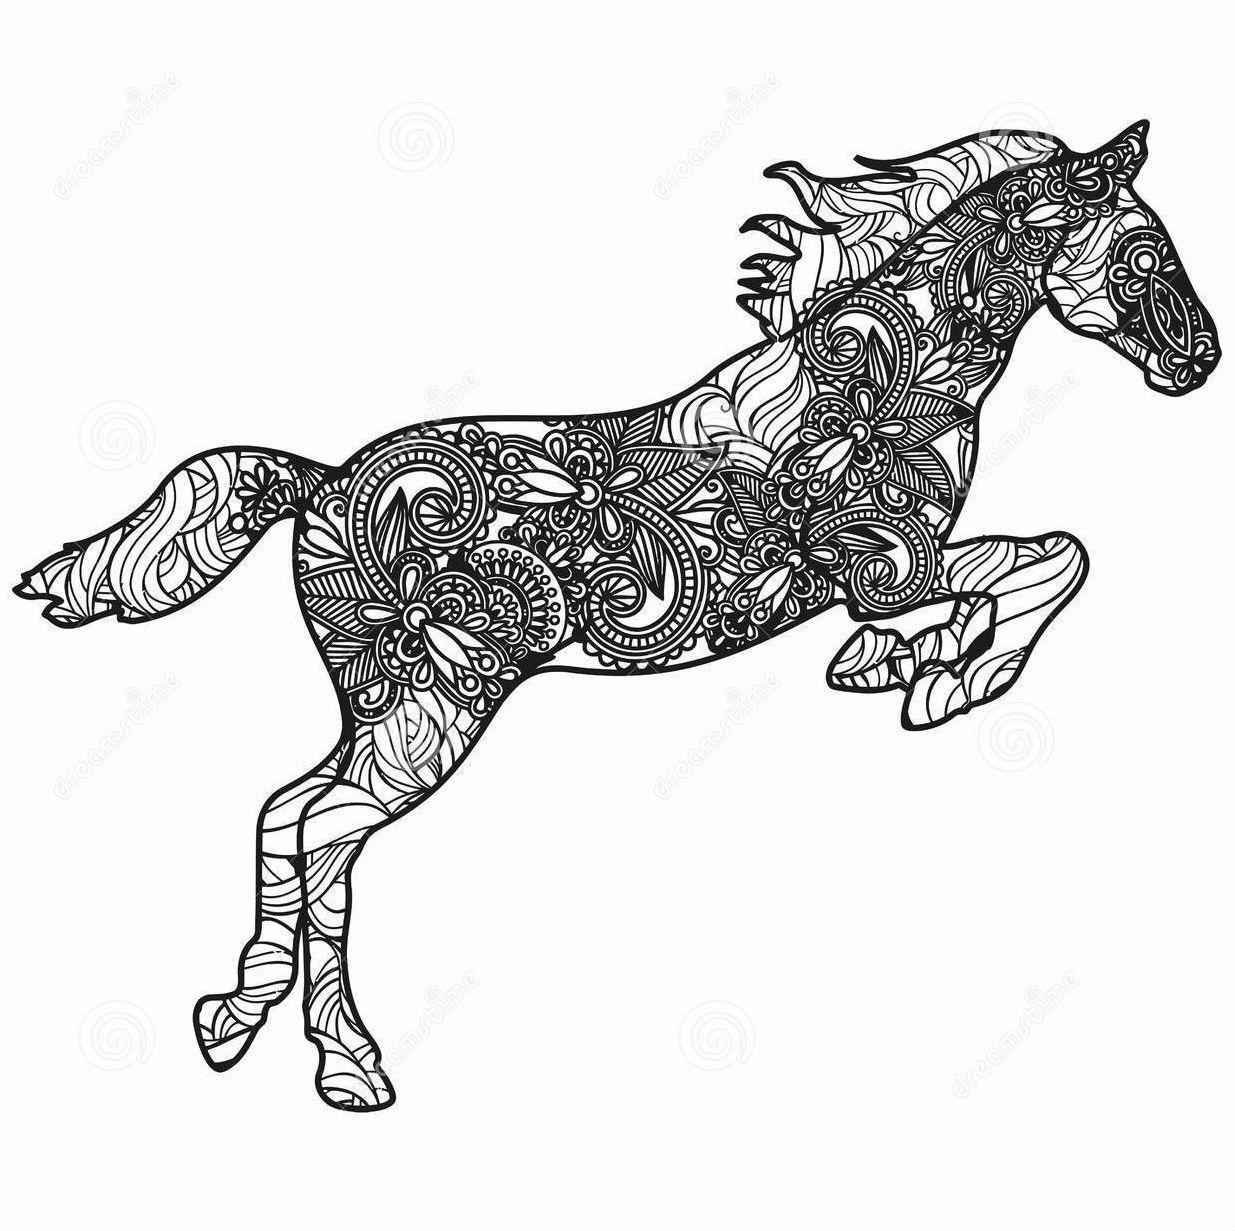 Pin de Wanda Twellman en Coloring Horses | Pinterest